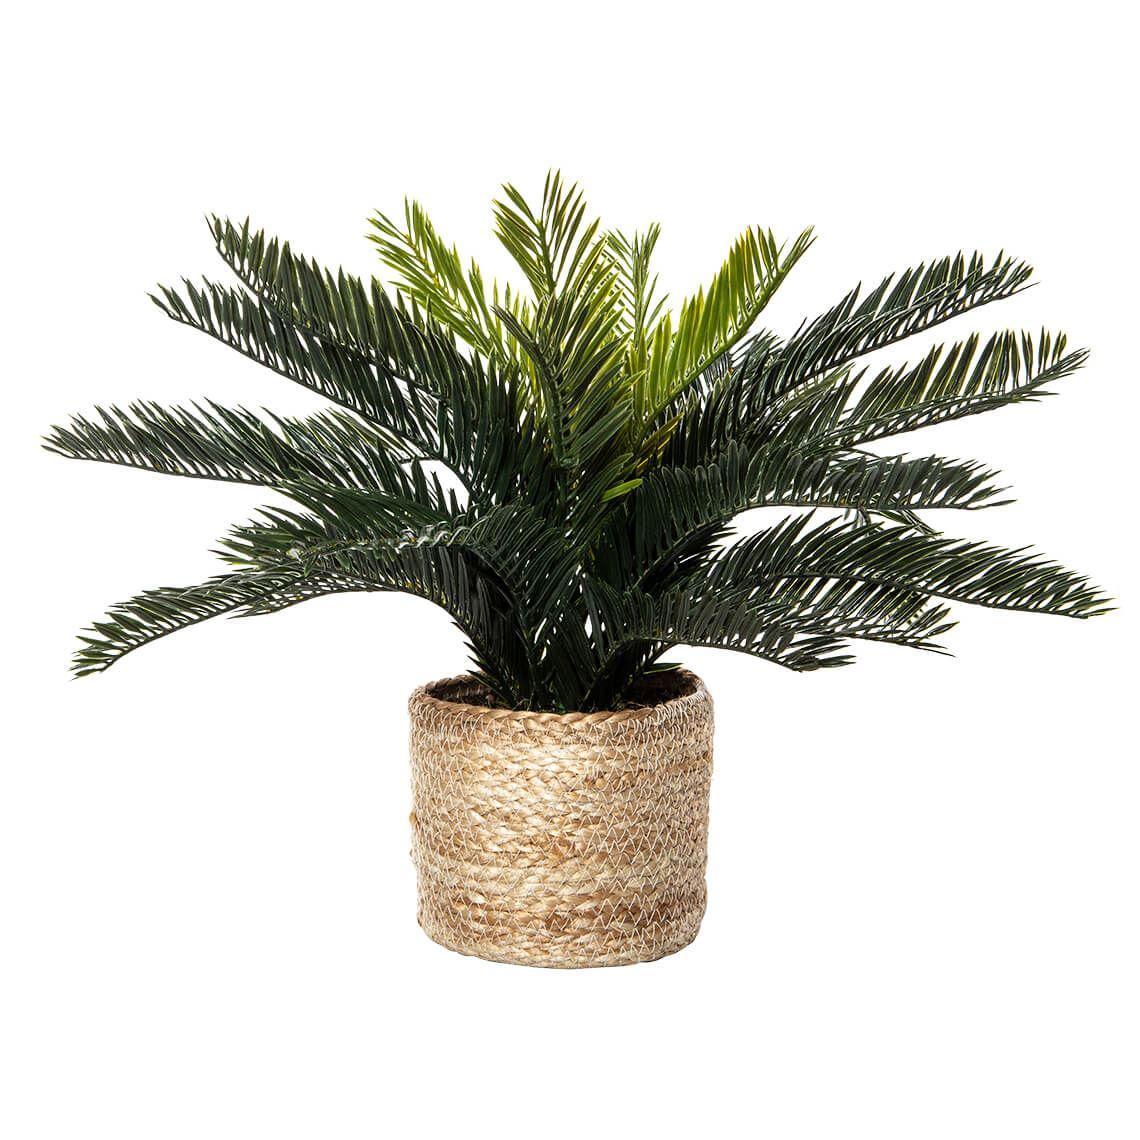 Cycas Bush Size W 51cm x D 51cm x H 41cm in Green Plastic/Ceramic Freedom